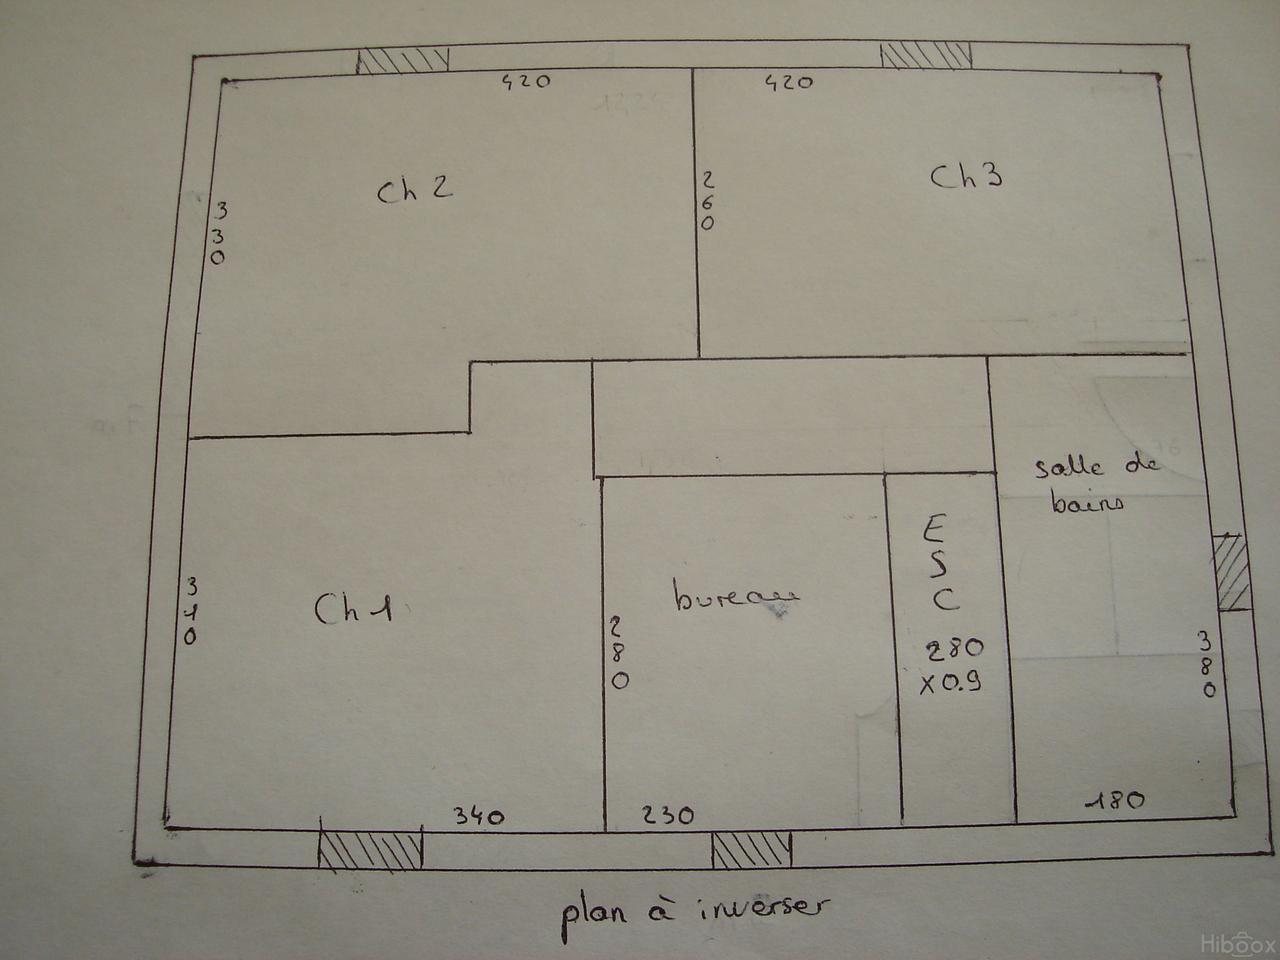 Maison r 1 de 7m par 9m mes plans 21 messages page 2 for Mes plans de maison